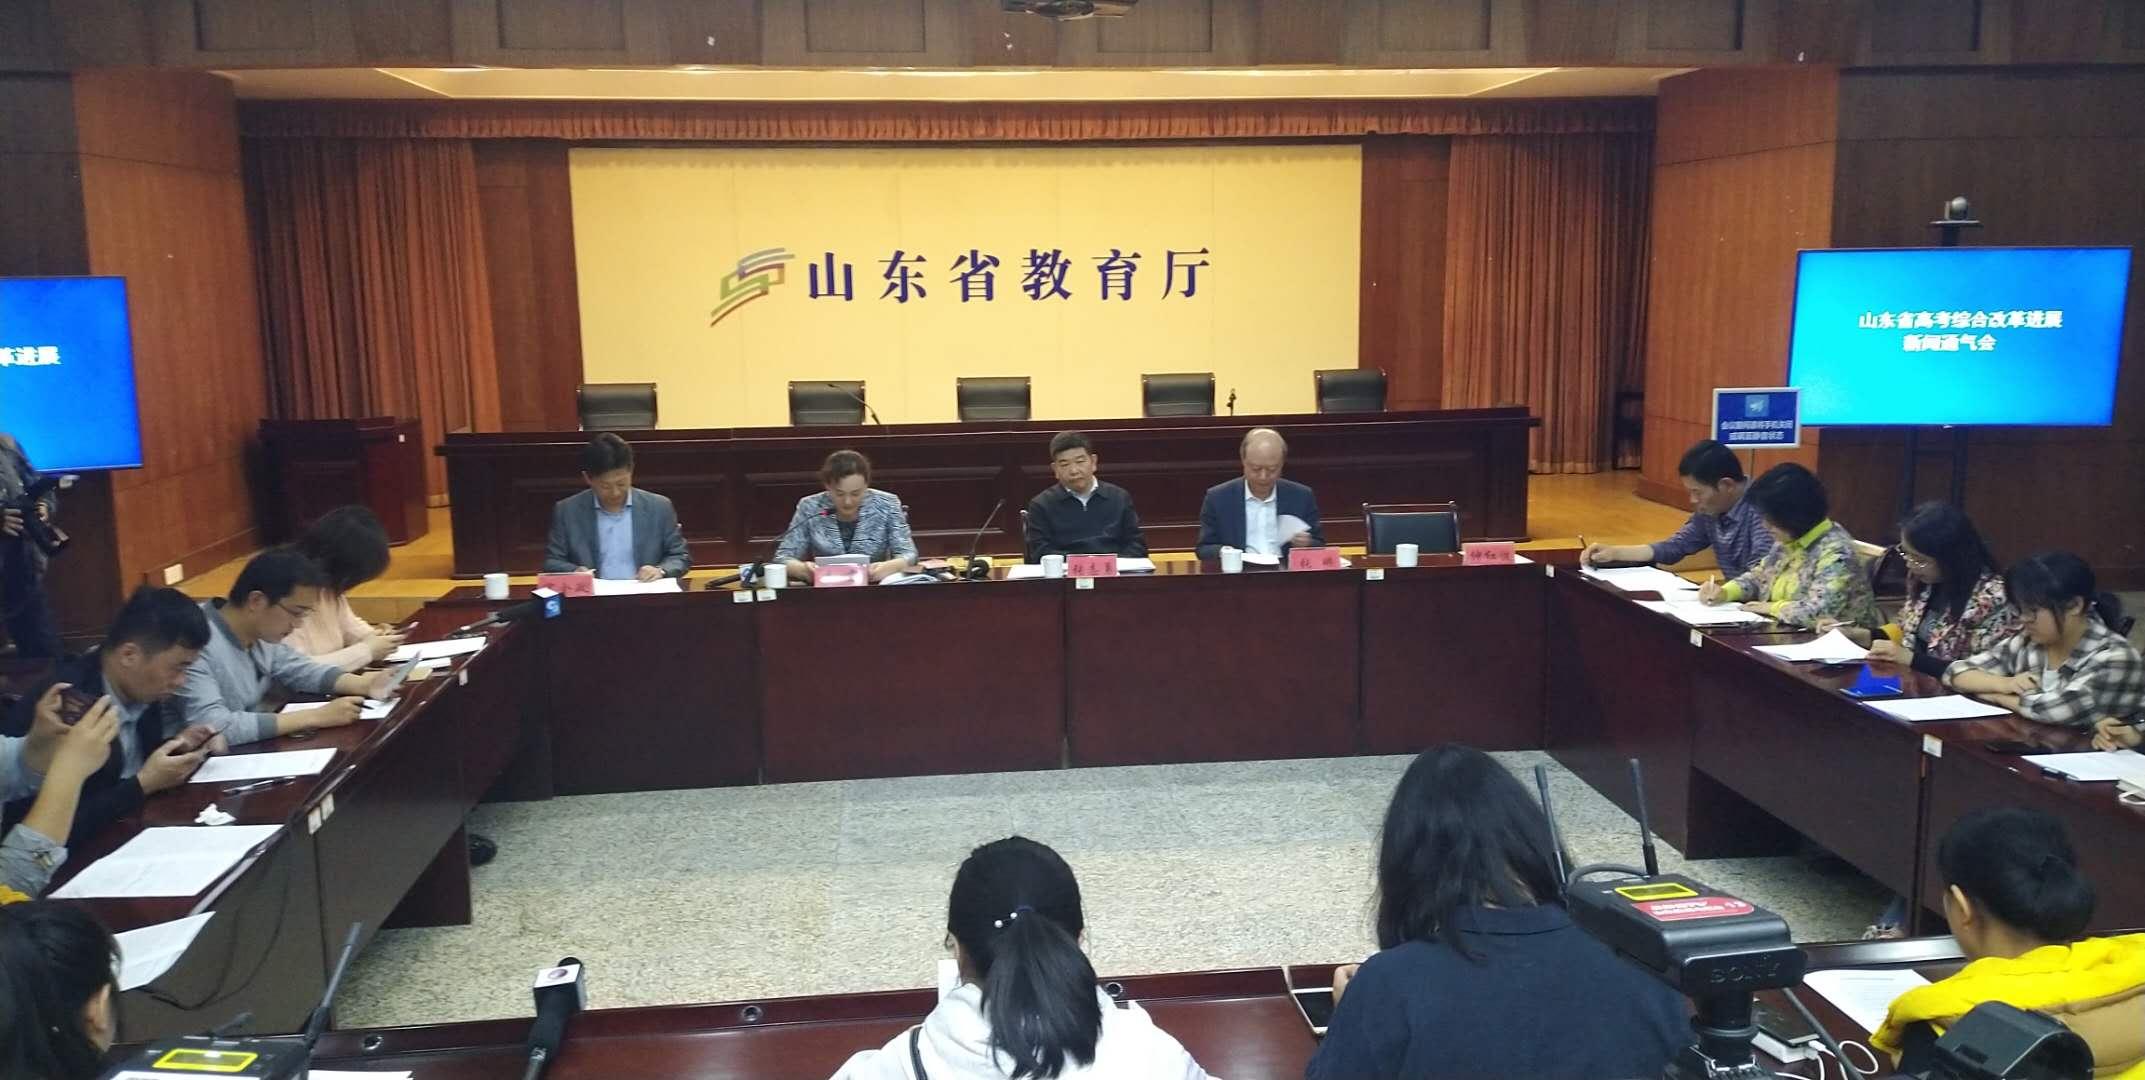 山东高考综合改革:2019全省将新建改扩建27所高中学校 新增3.5万个学位